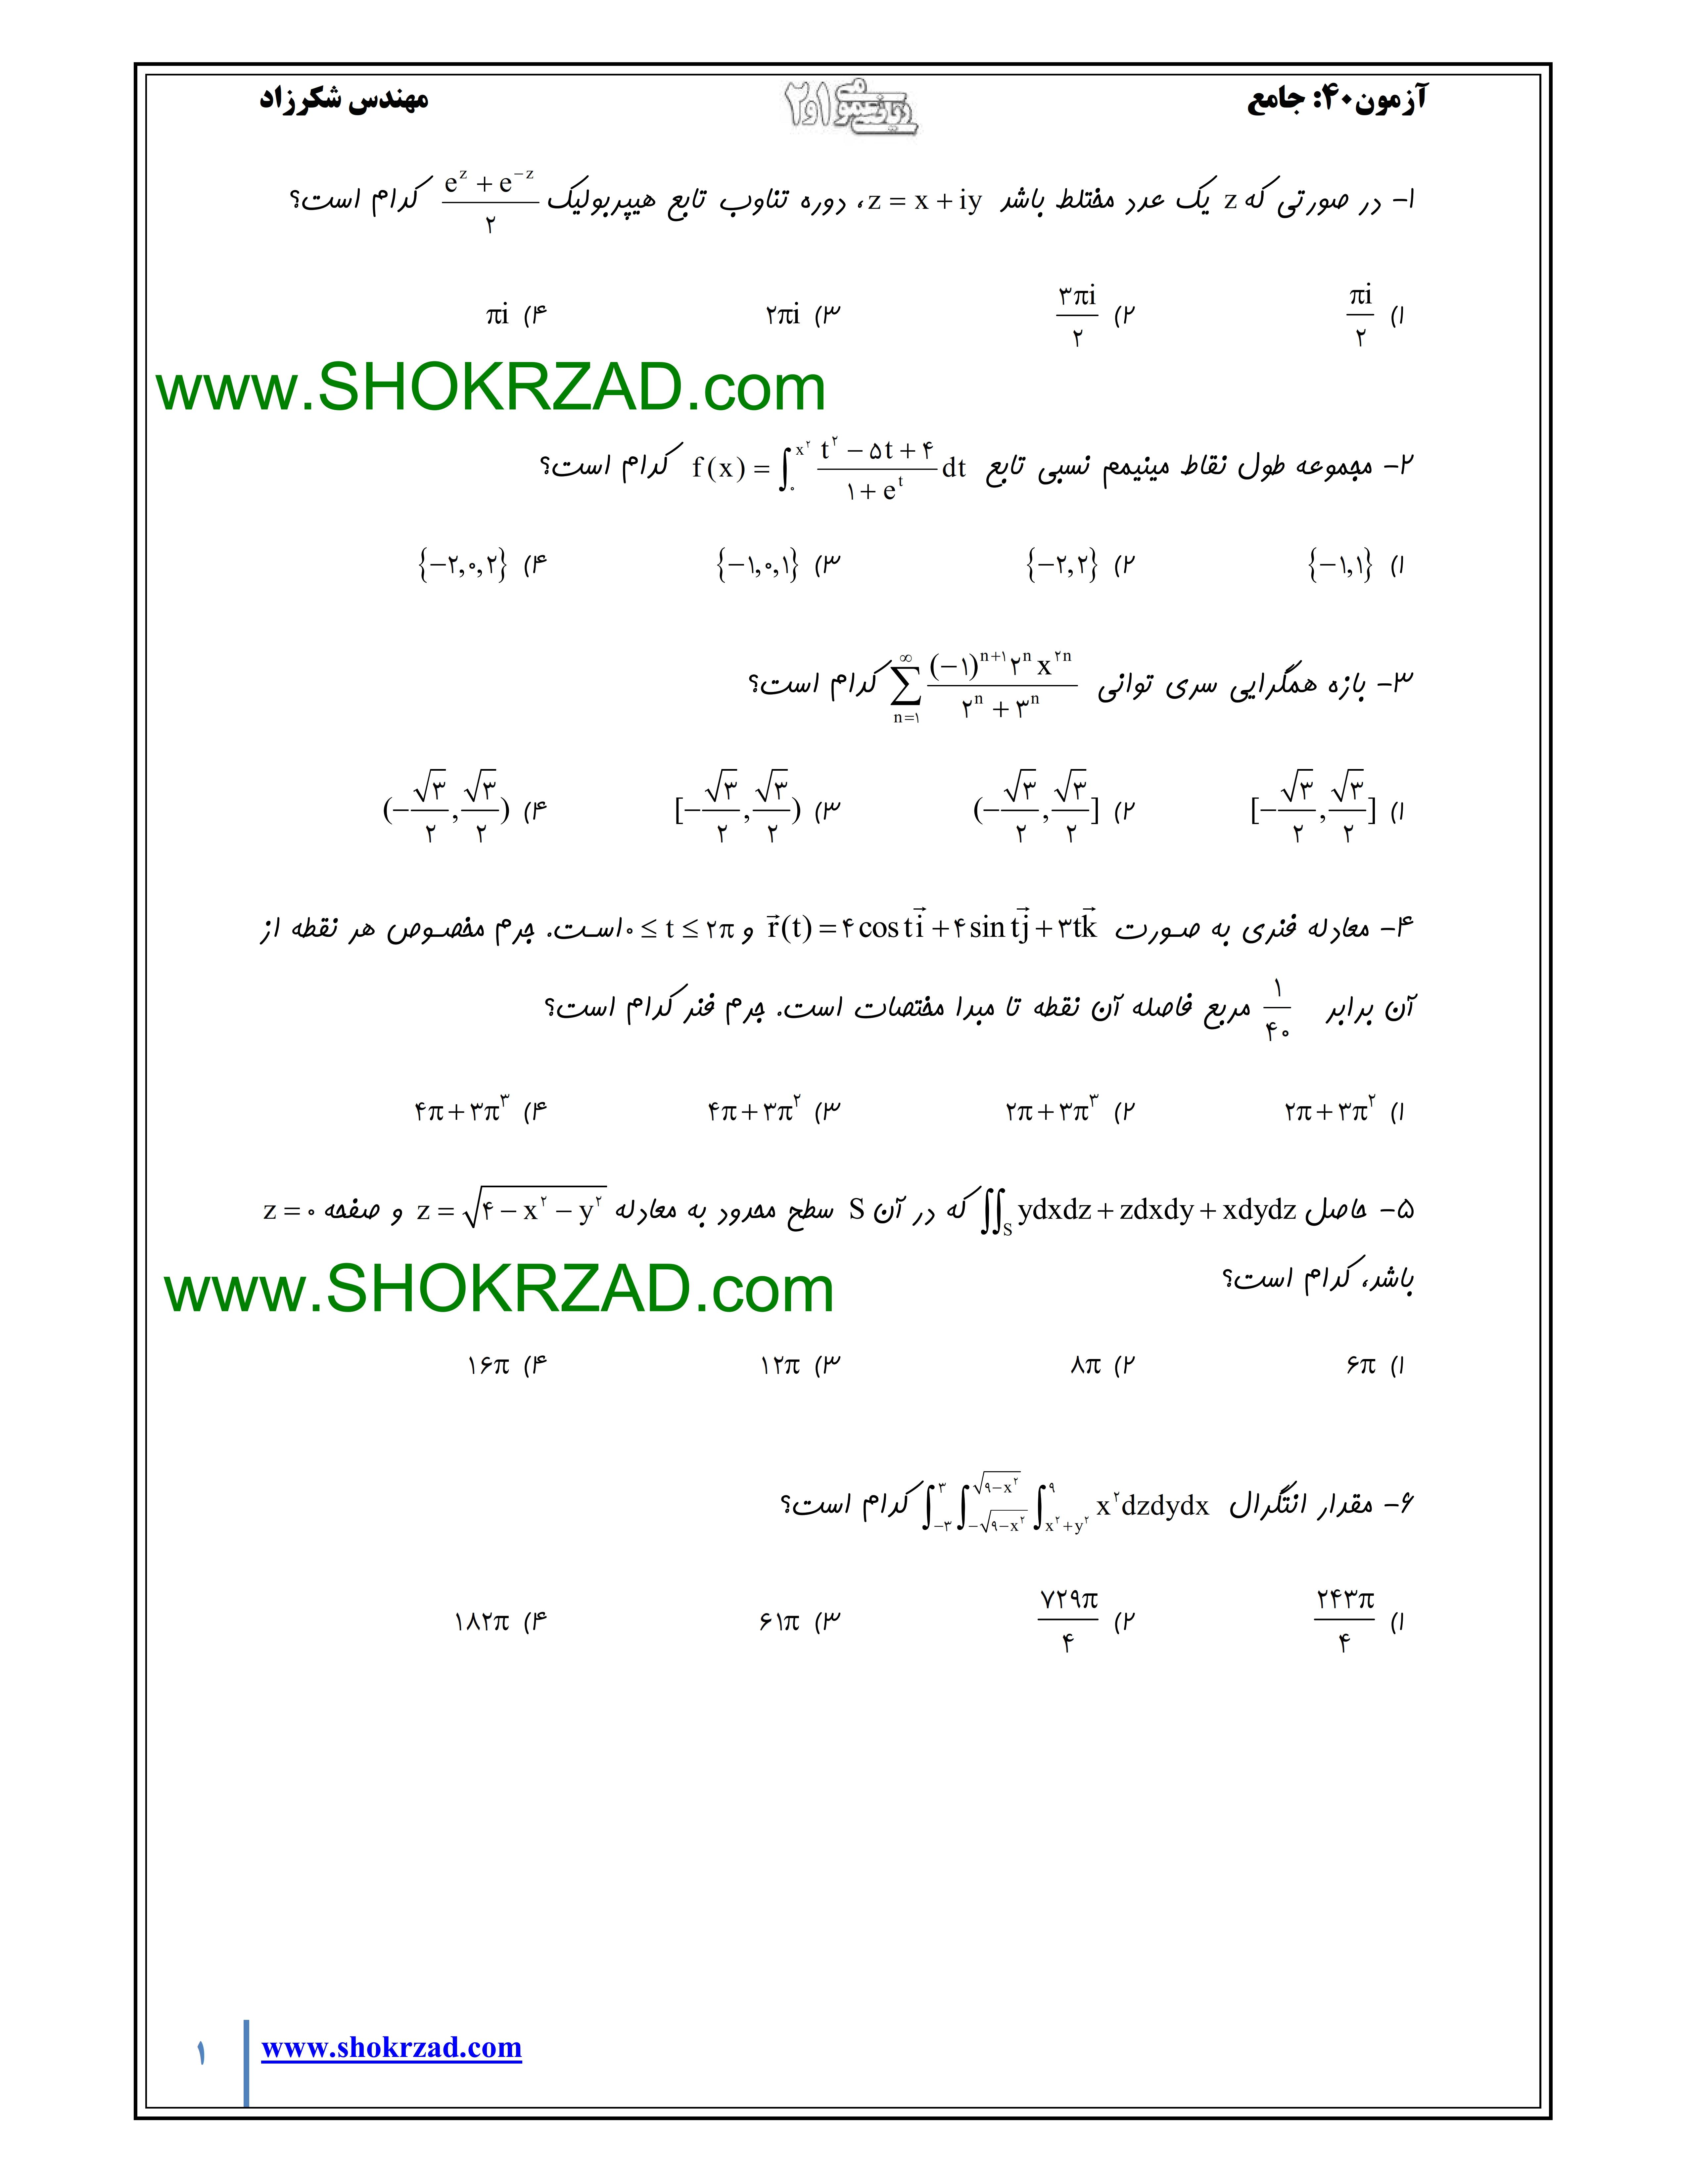 سوال ریاضی عمومی 1و2